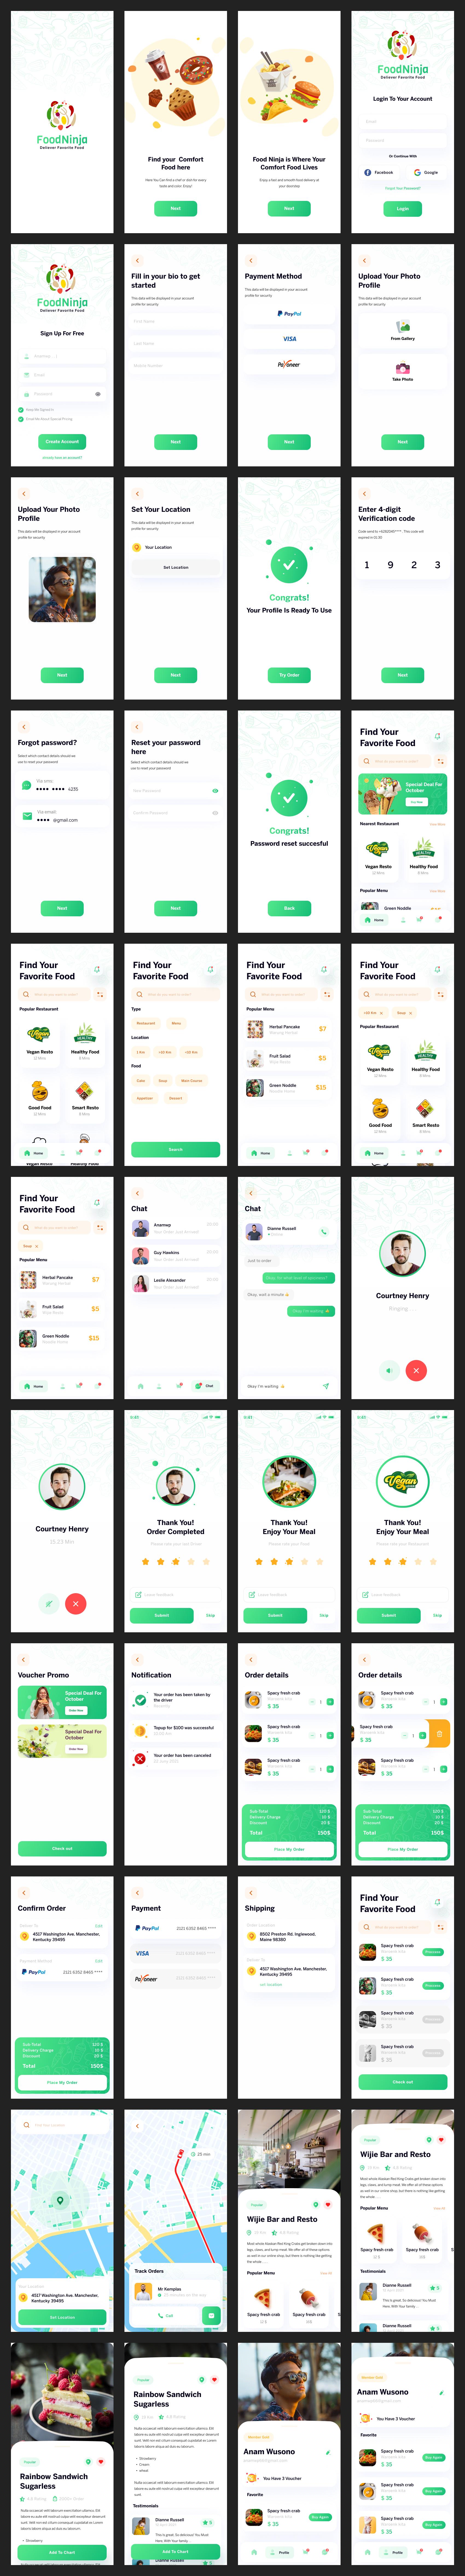 用于 Figma 的送餐免费 UI 套件 - 80 多个超级干净和绿色的超赞屏幕,非常适合健康的瘾君子,可免费下载用于商业和个人目的。